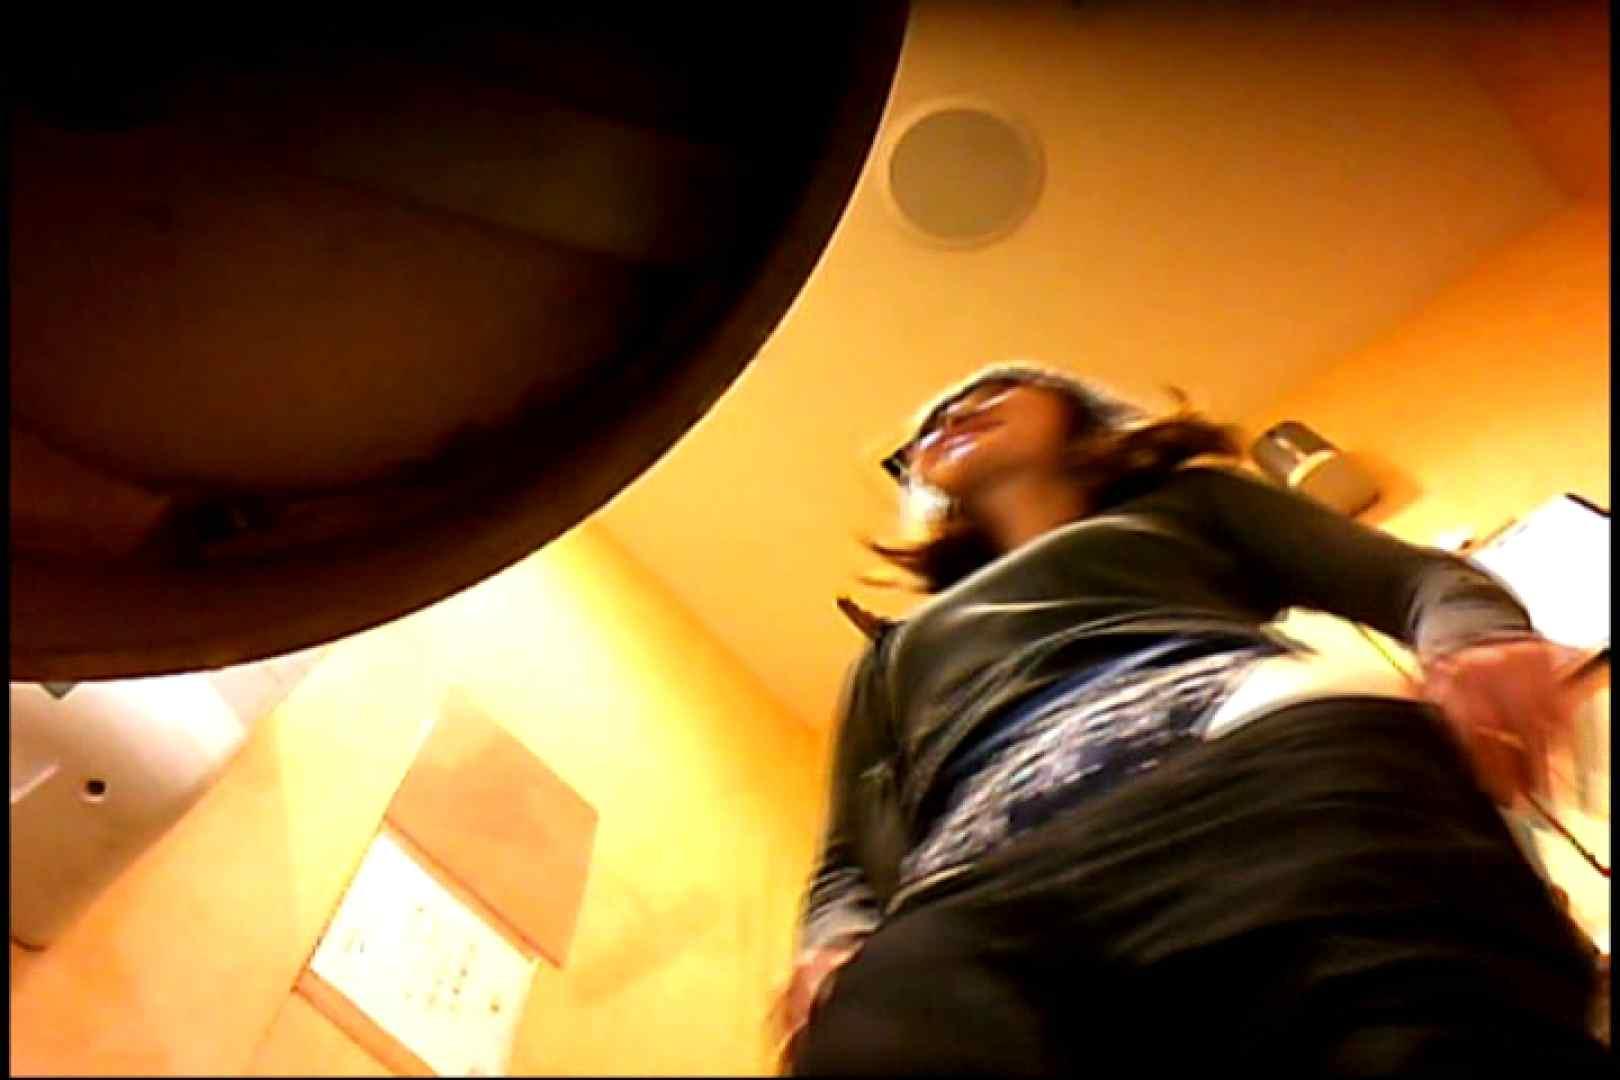 画質向上!新亀さん厠 vol.37 リアル黄金水 オメコ動画キャプチャ 85画像 17